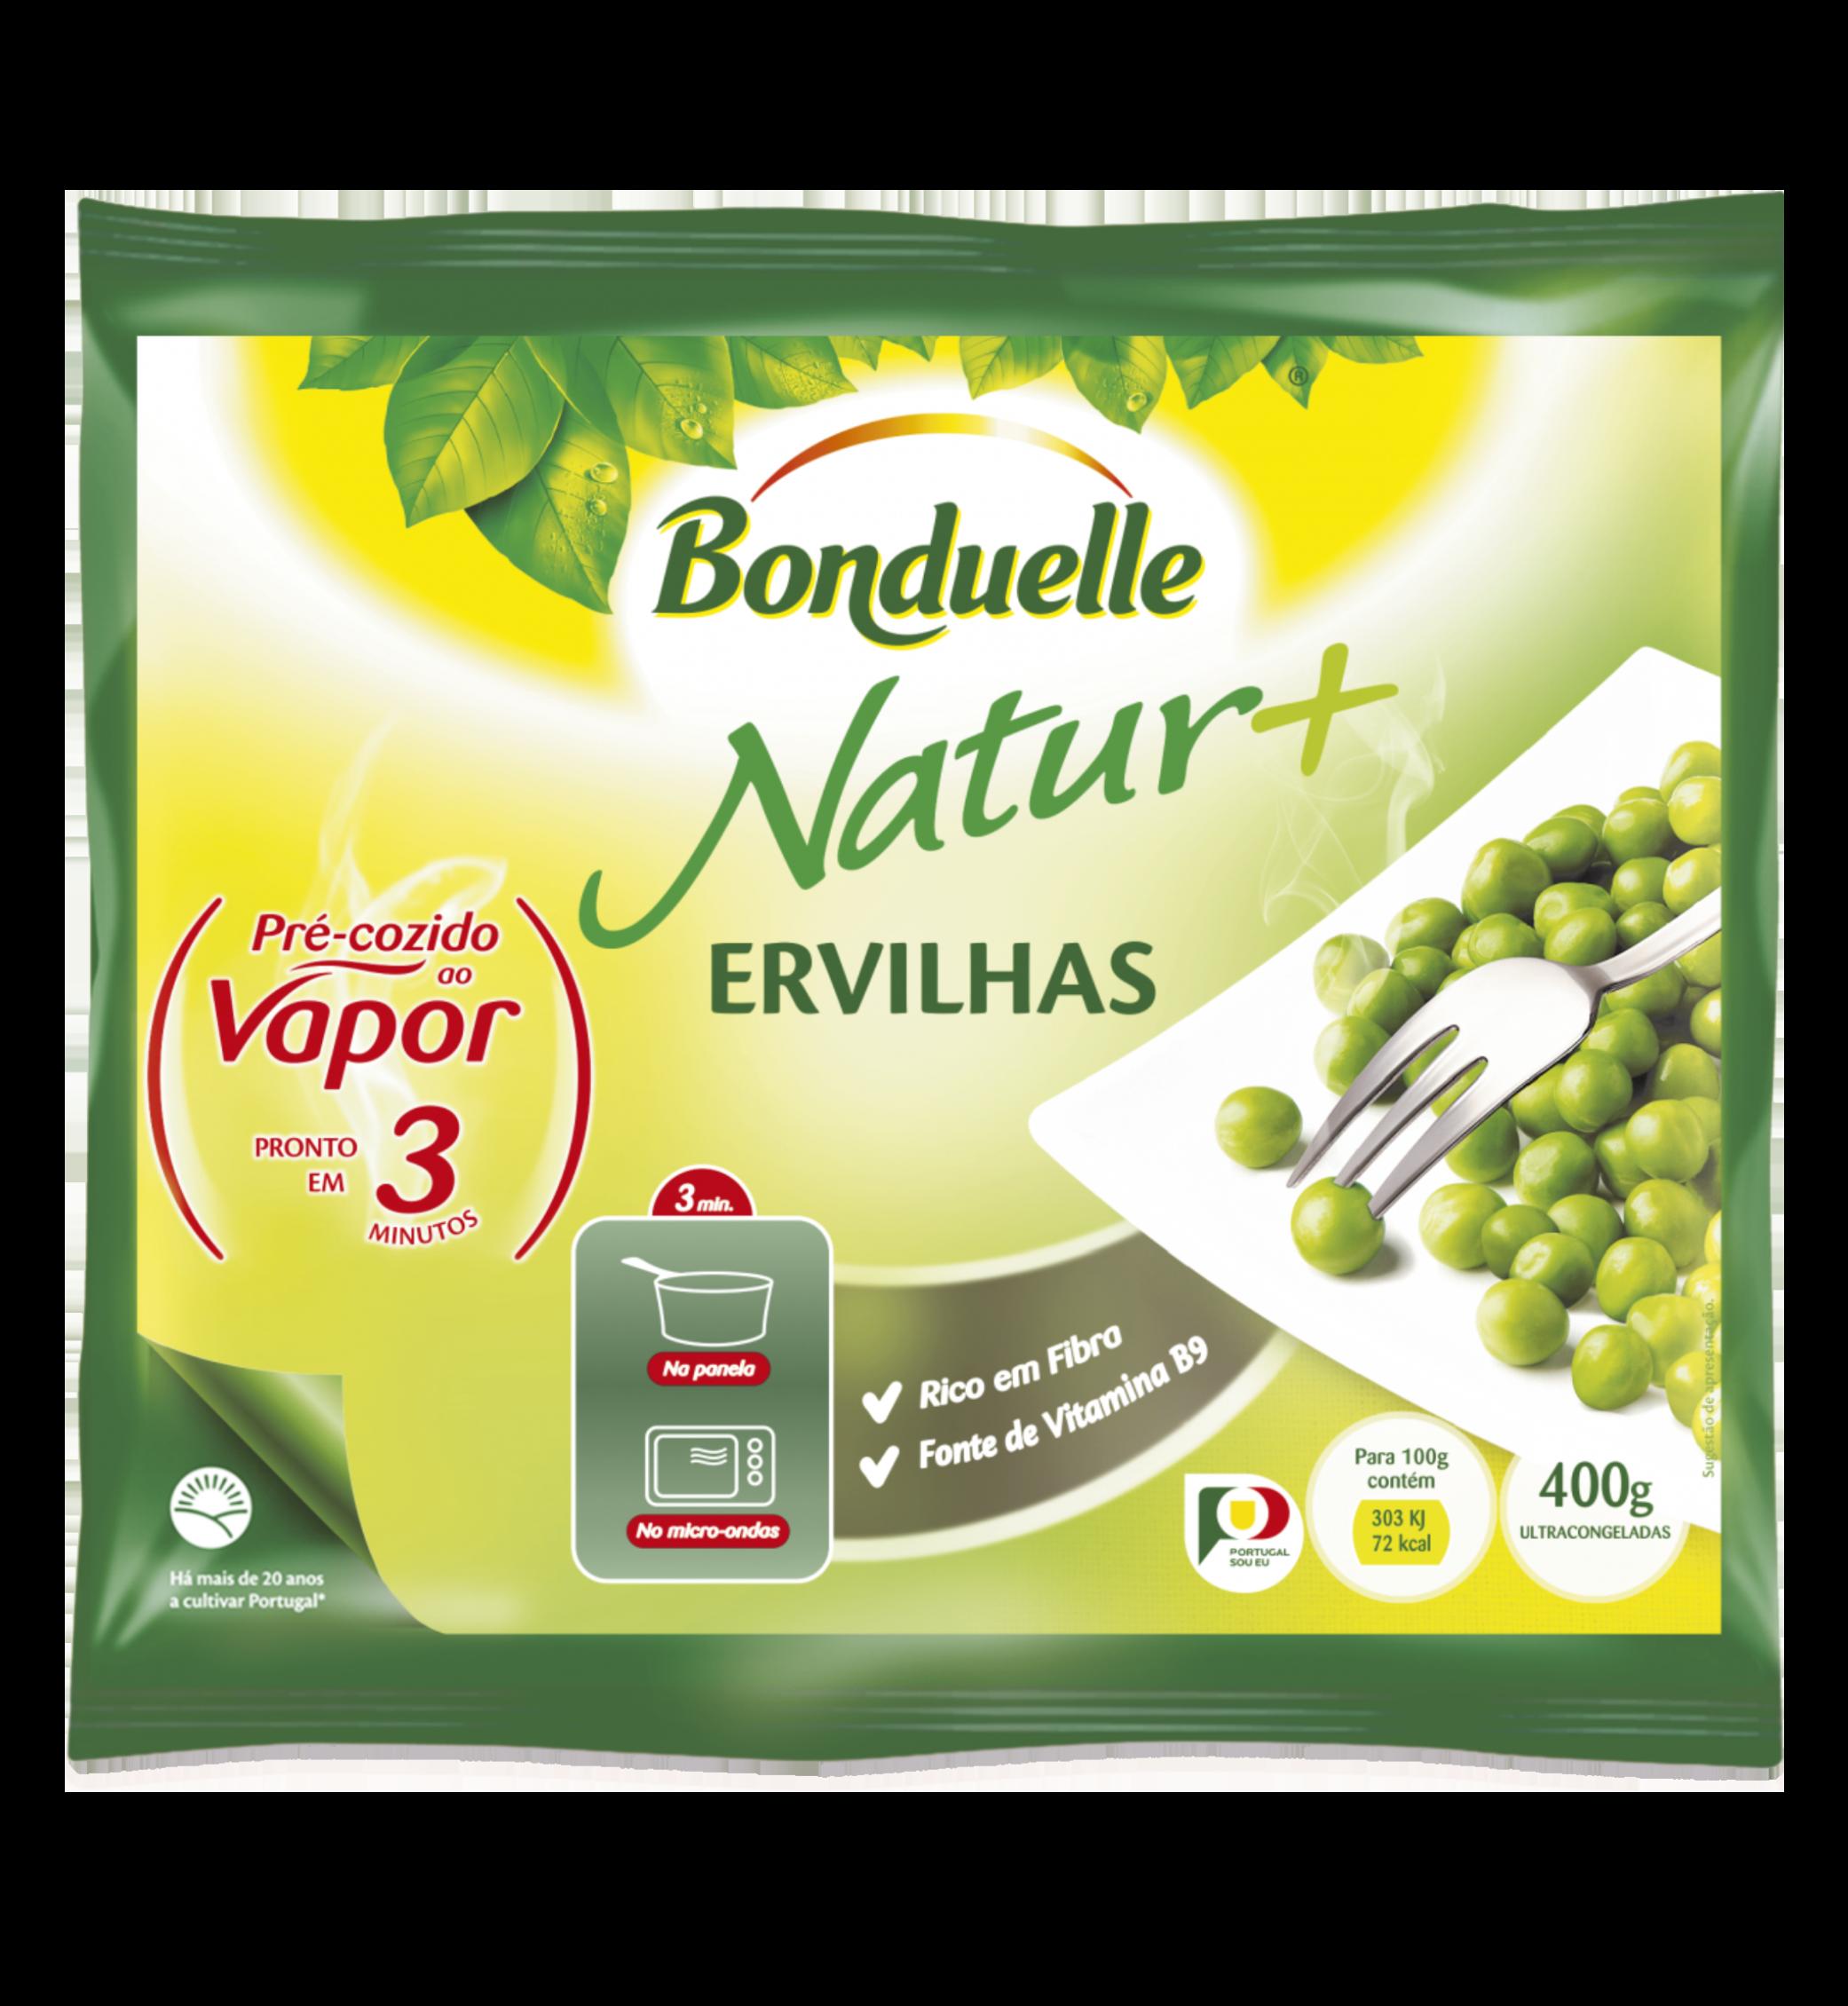 ervilhas-natur+